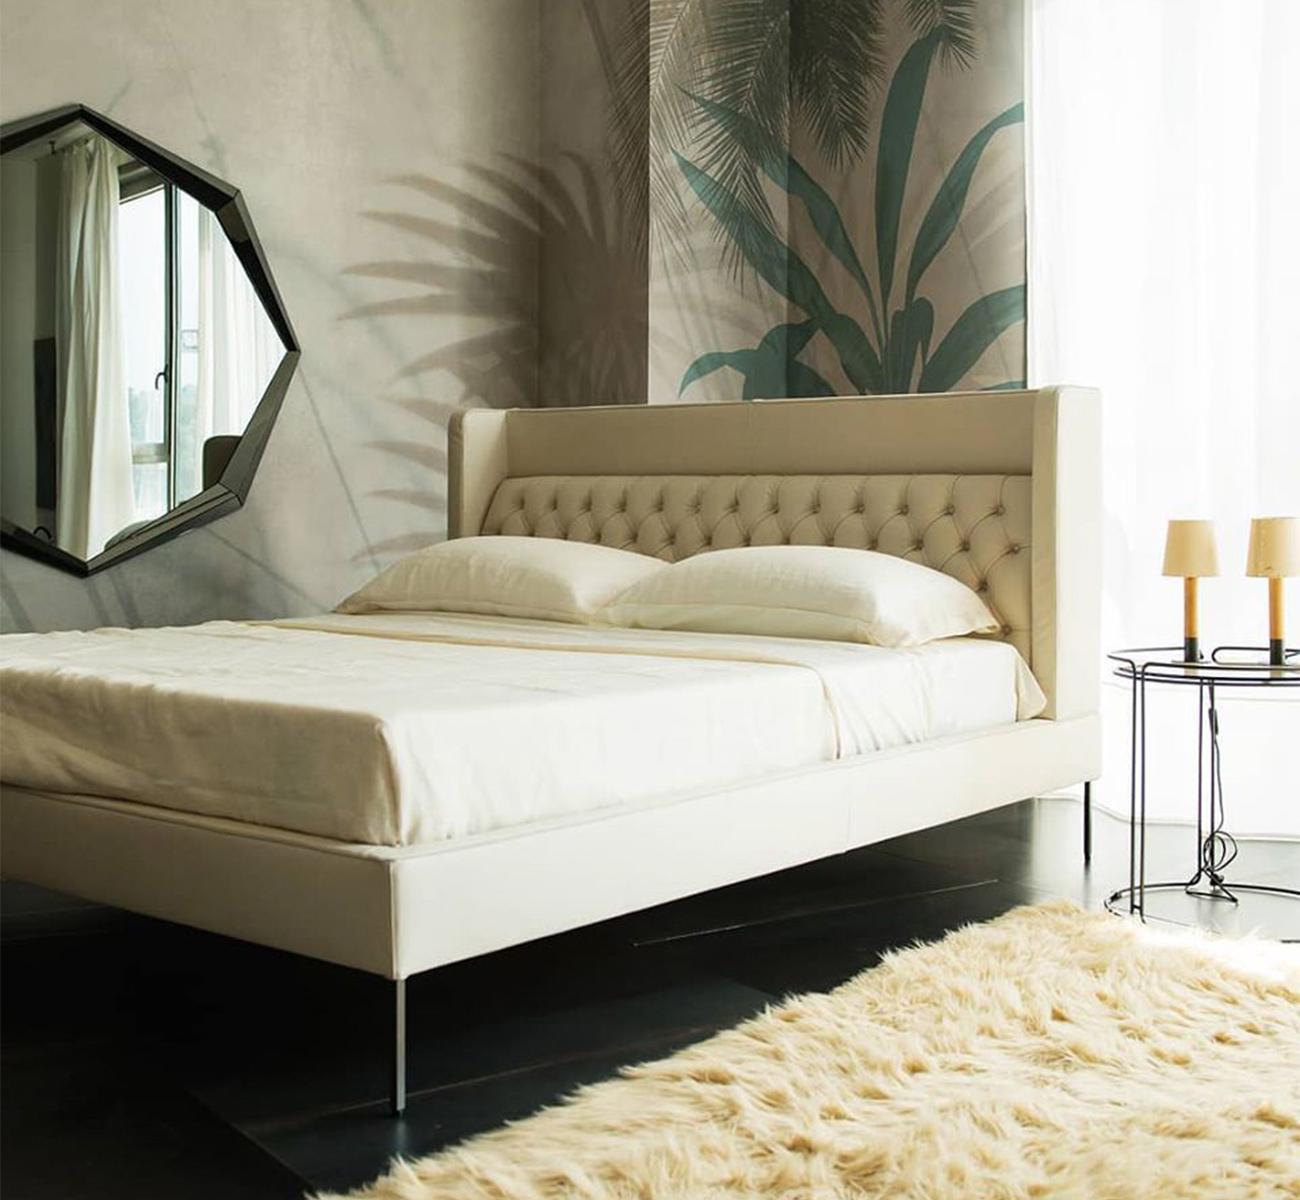 Riscaldare Camera Da Letto arredare la camera da letto: i nostri consigli – ad area domus